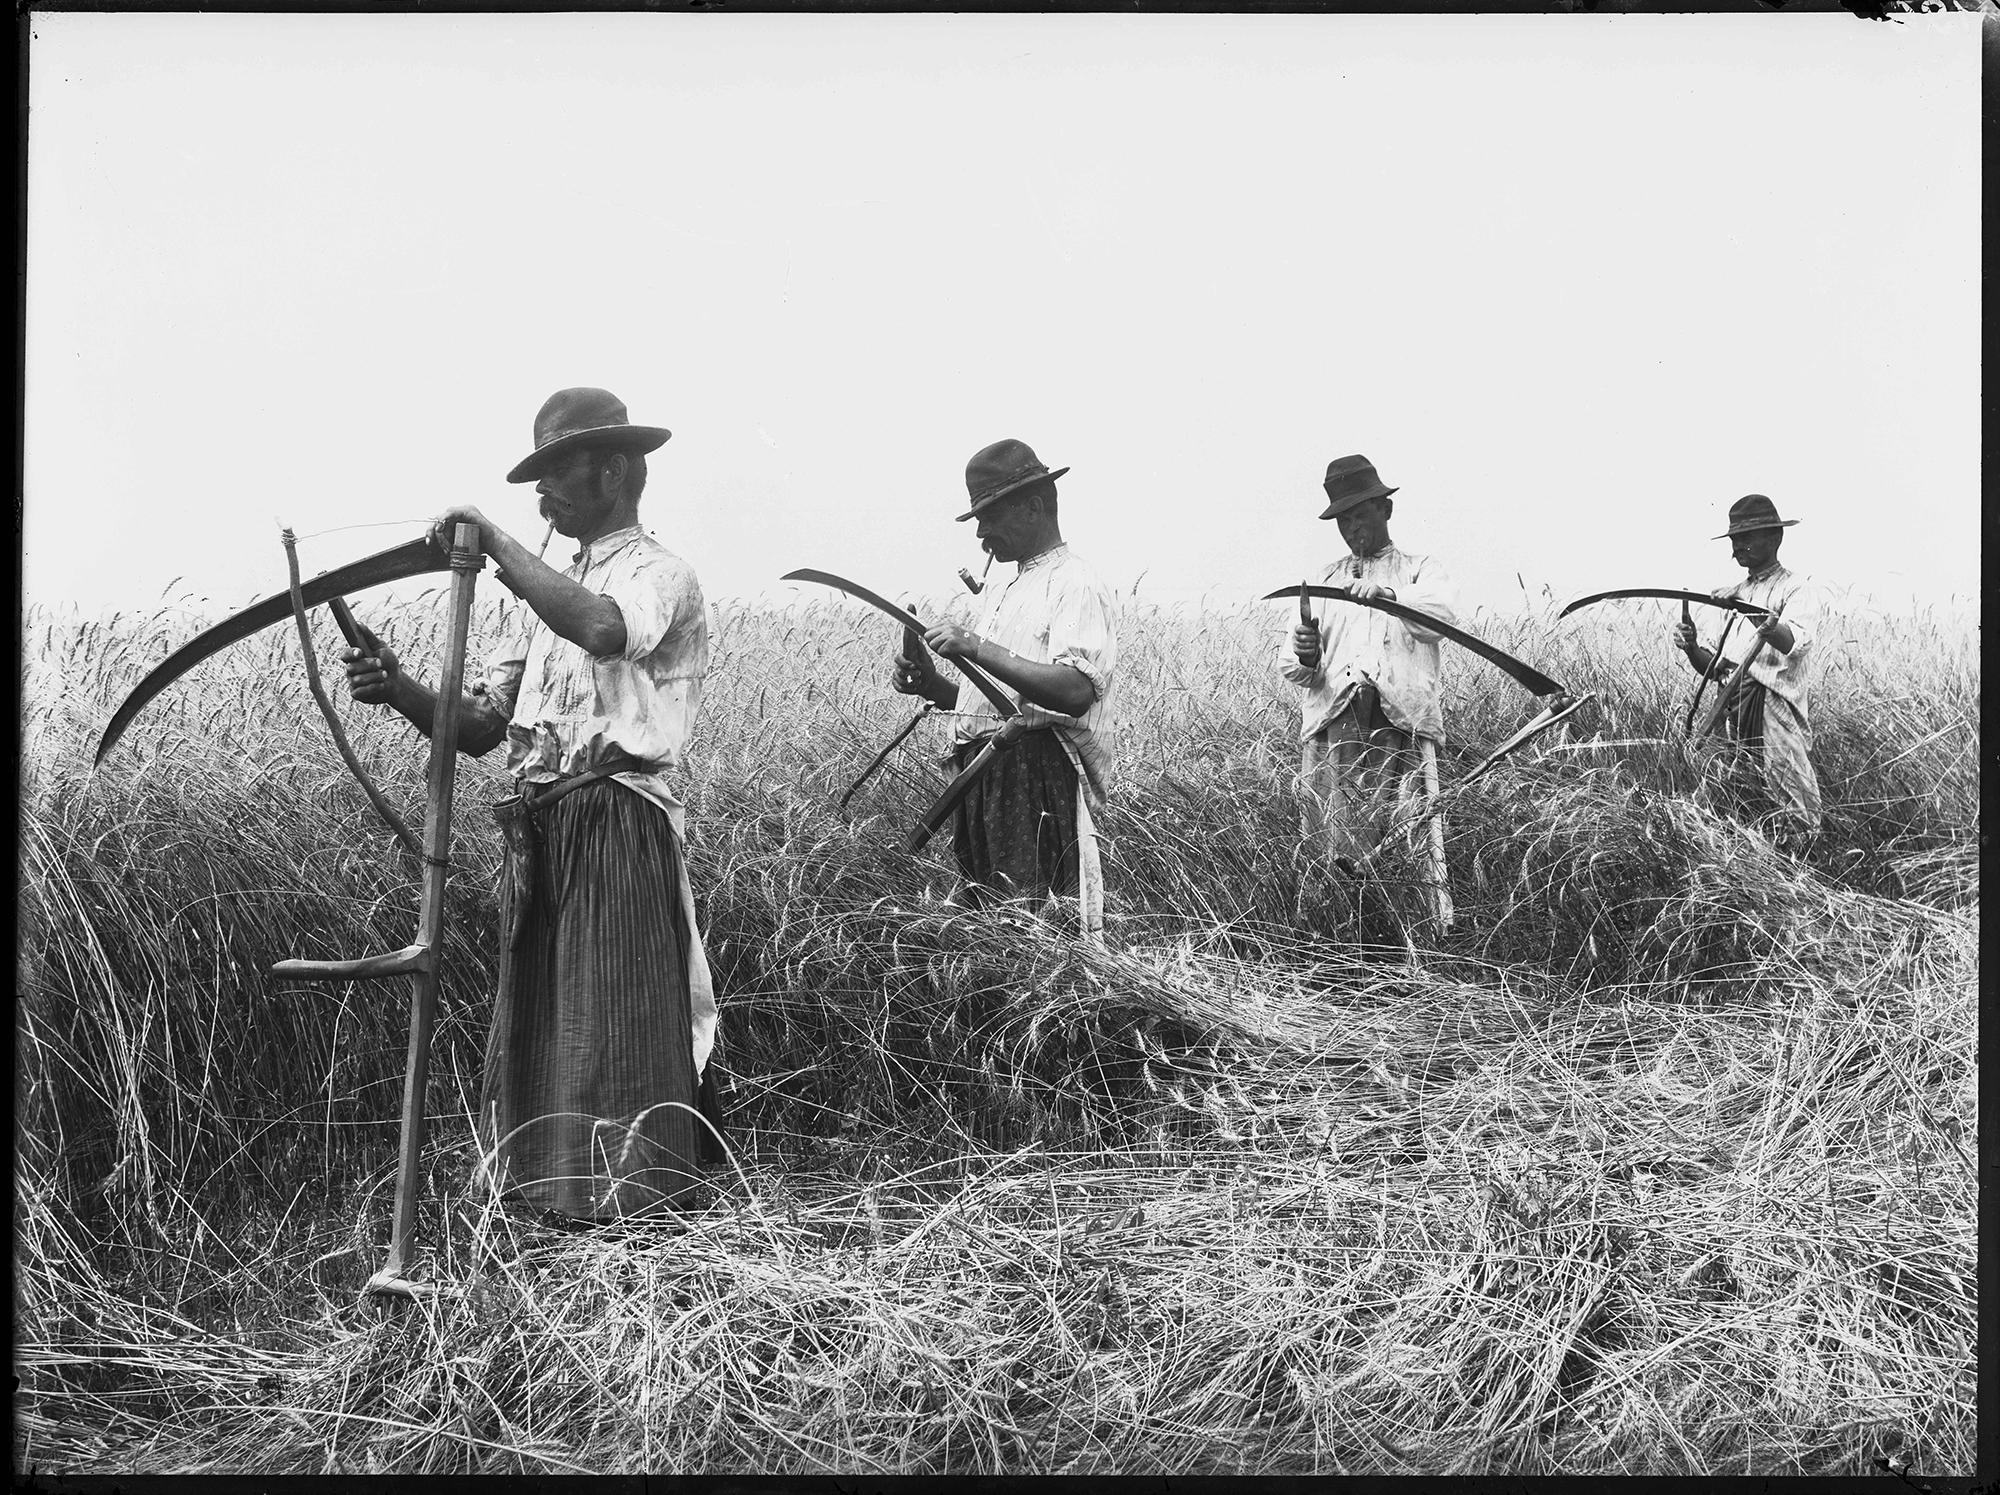 Fotó: Plohn József: Kaszájukat fenő aratók fehér vászon ingben és gatyában, bokáig érő festő kötőben. © Tornyai János Múzeum gyűjteménye, Hódmezővásárhely